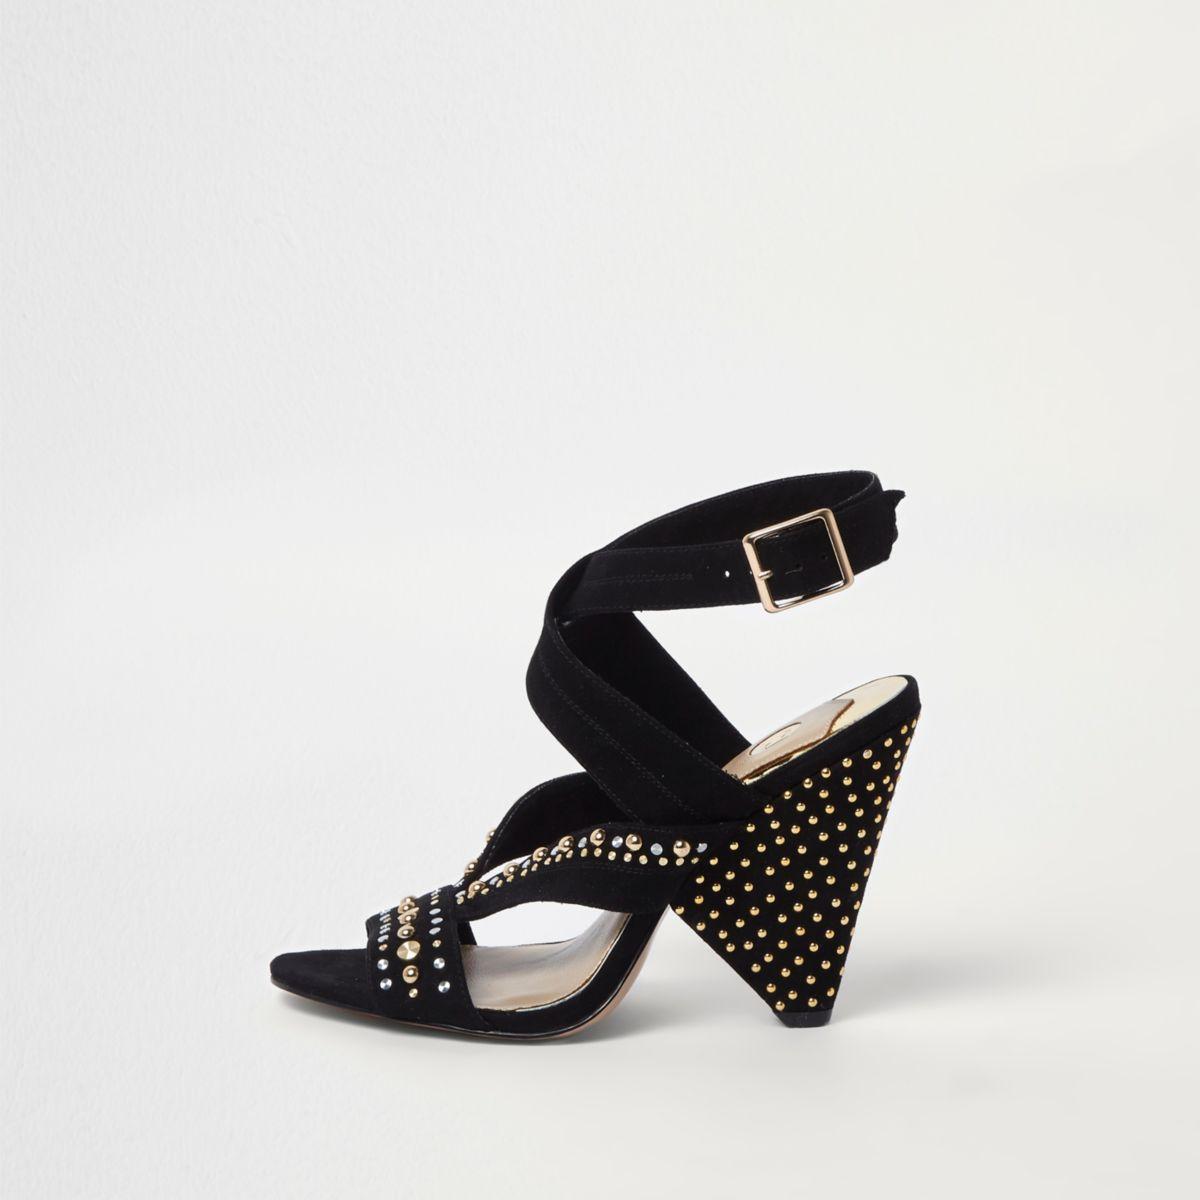 Black stud embellished cone heel sandals